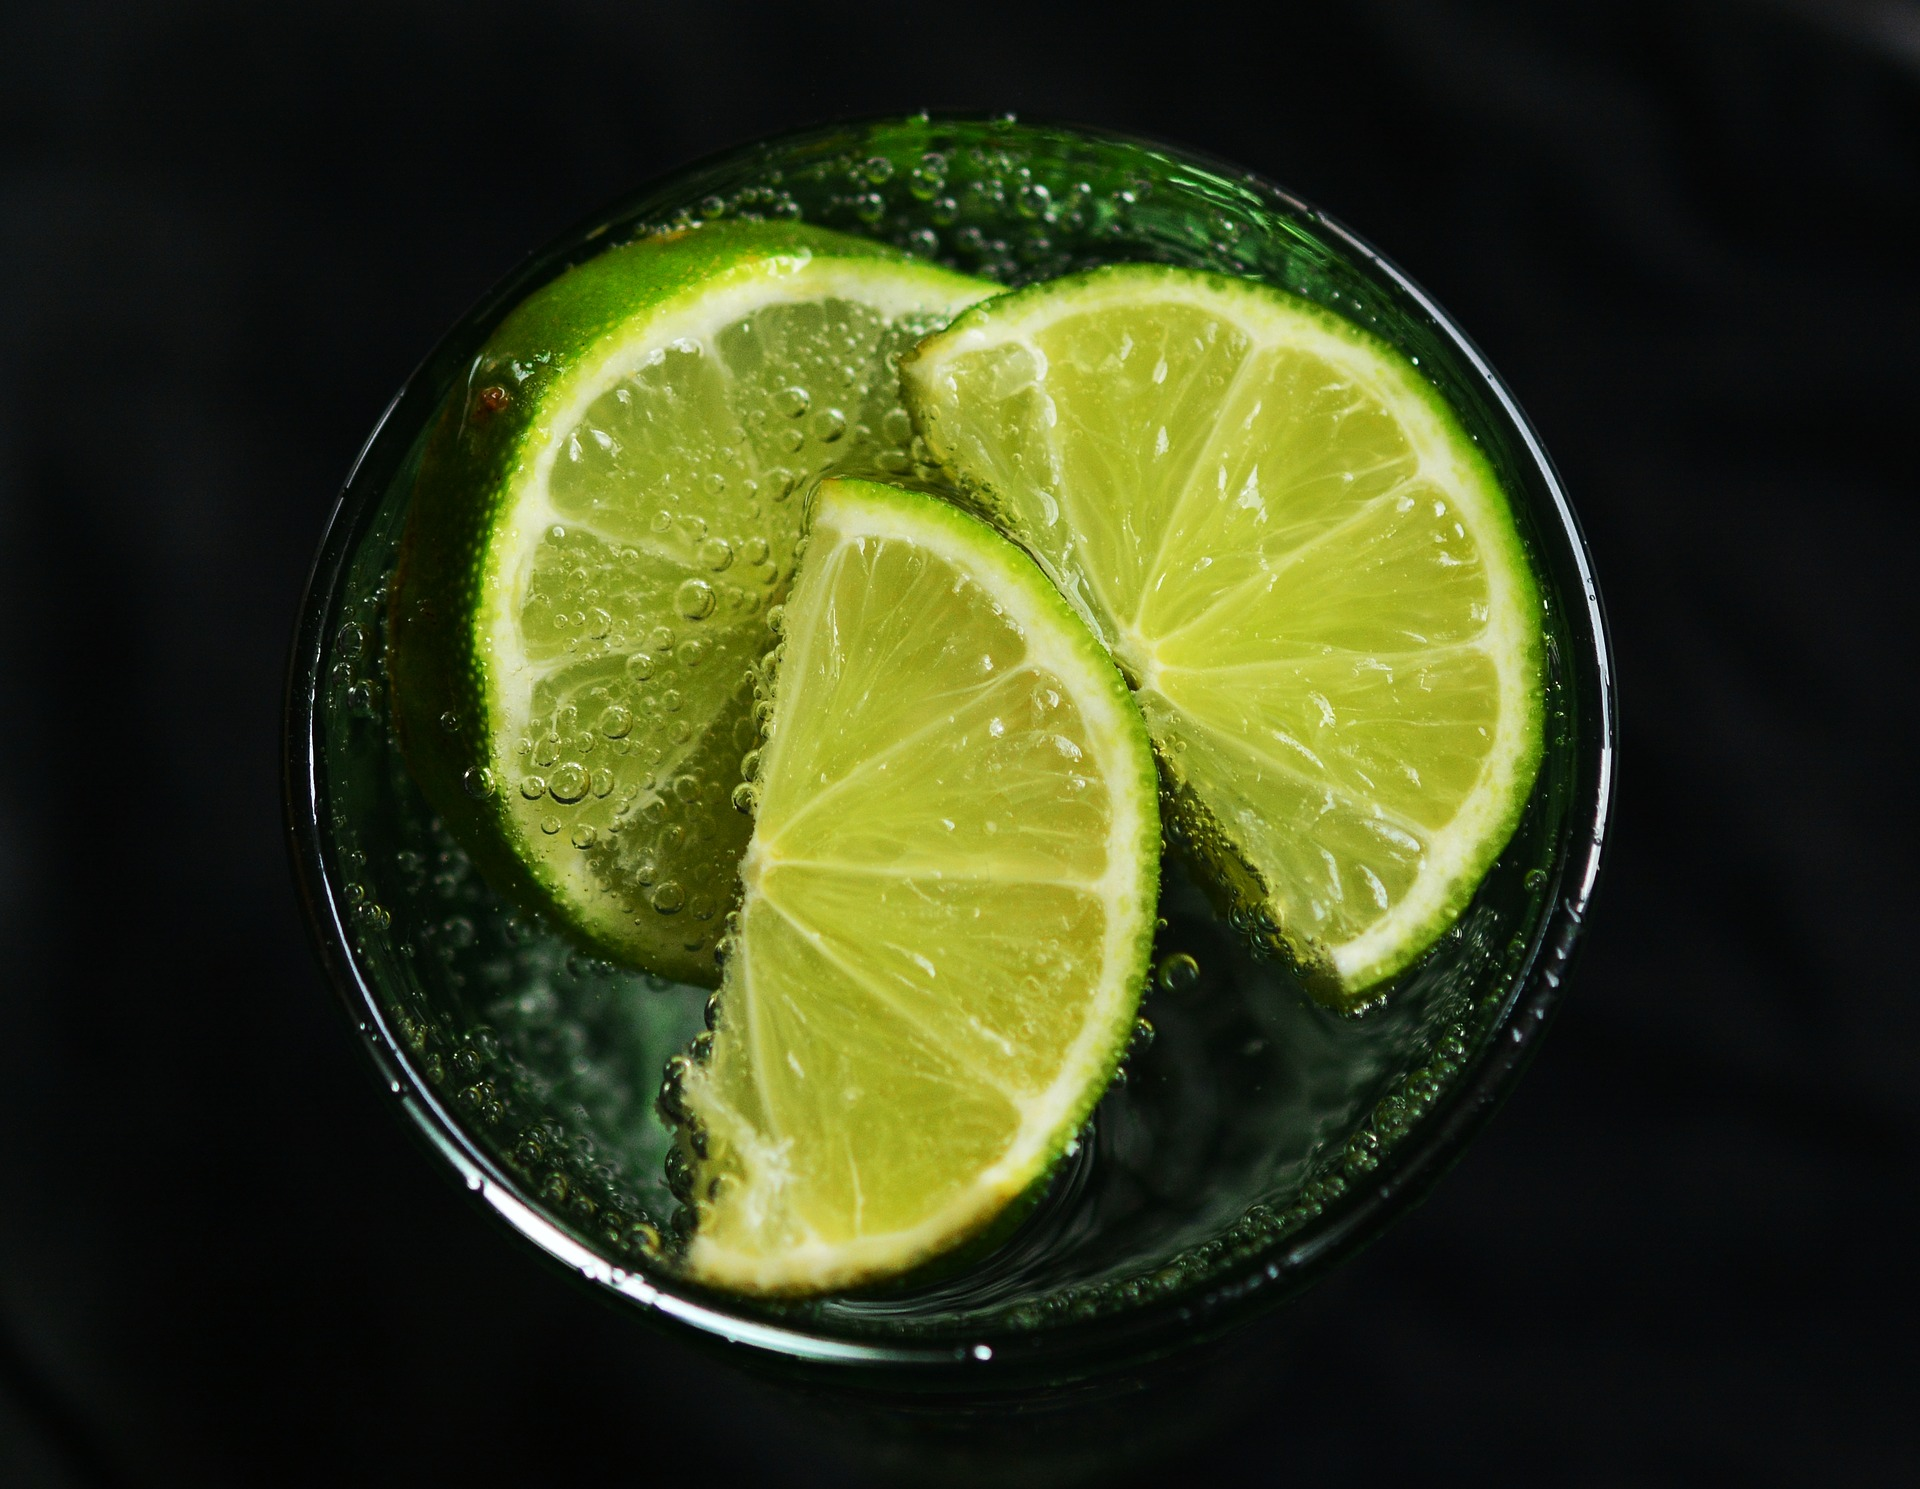 lime-2143600_1920